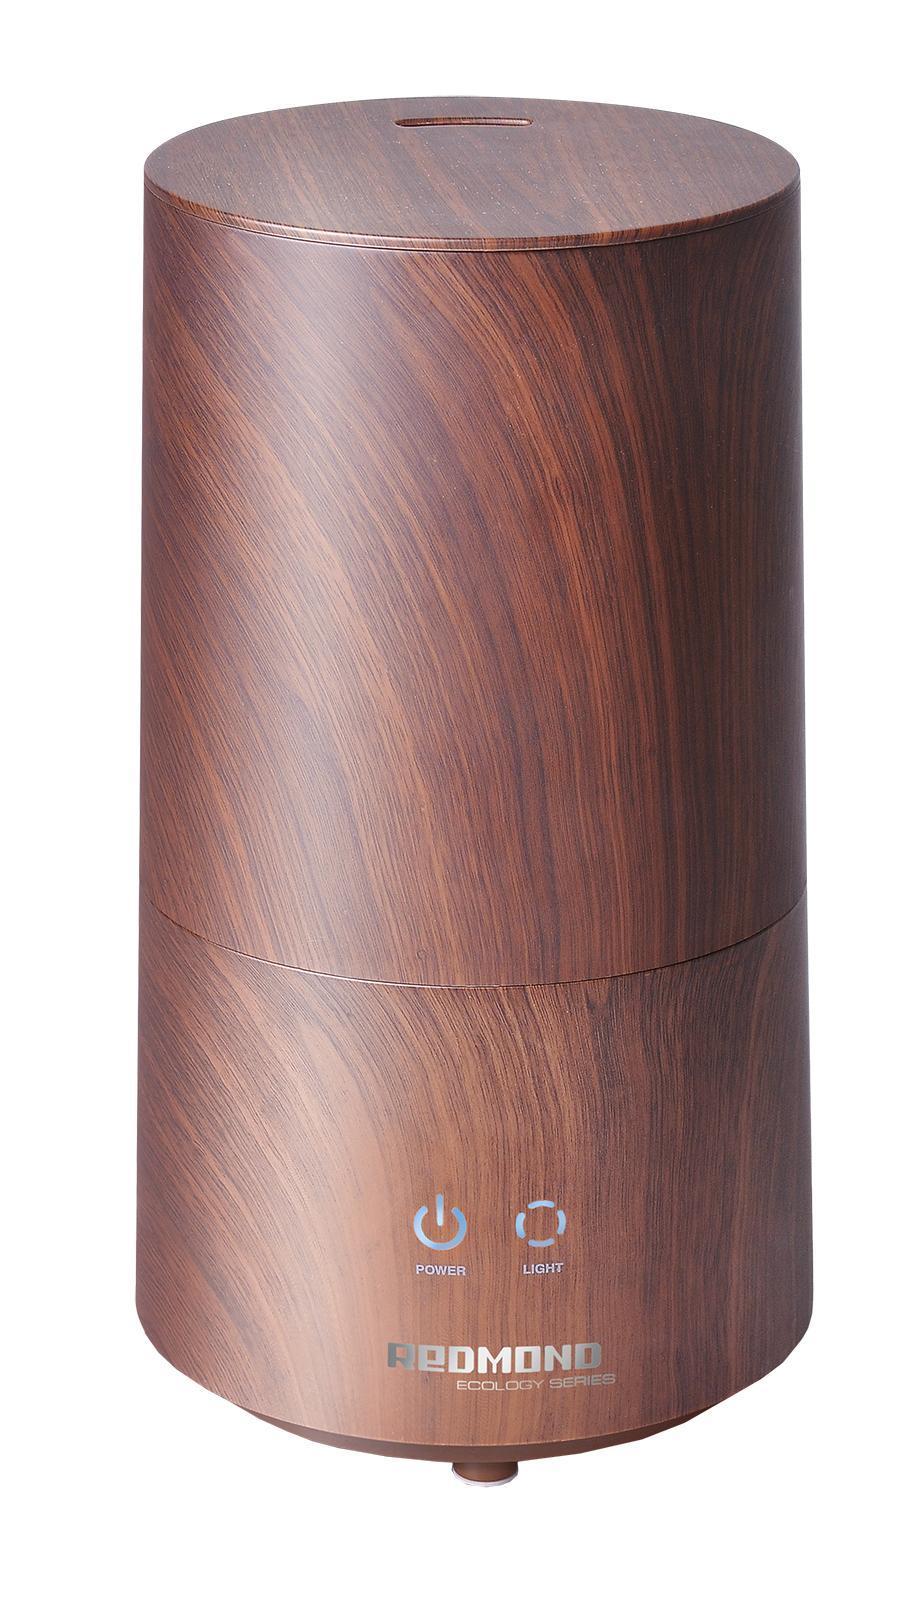 Redmond RHF-3307, Cherry увлажнитель воздухаRHF-3307_cherryУльтразвуковой увлажнитель воздуха REDMOND RHF-3307 позволяет контролировать уровень влажности и тем самым создать максимально комфортные условия дома или в офисе. Благодаря корпусу, выполненному в двух вариантах дерева - бука и вишни, - увлажнитель прекрасно впишется в любой интерьер и послужит украшением помещения